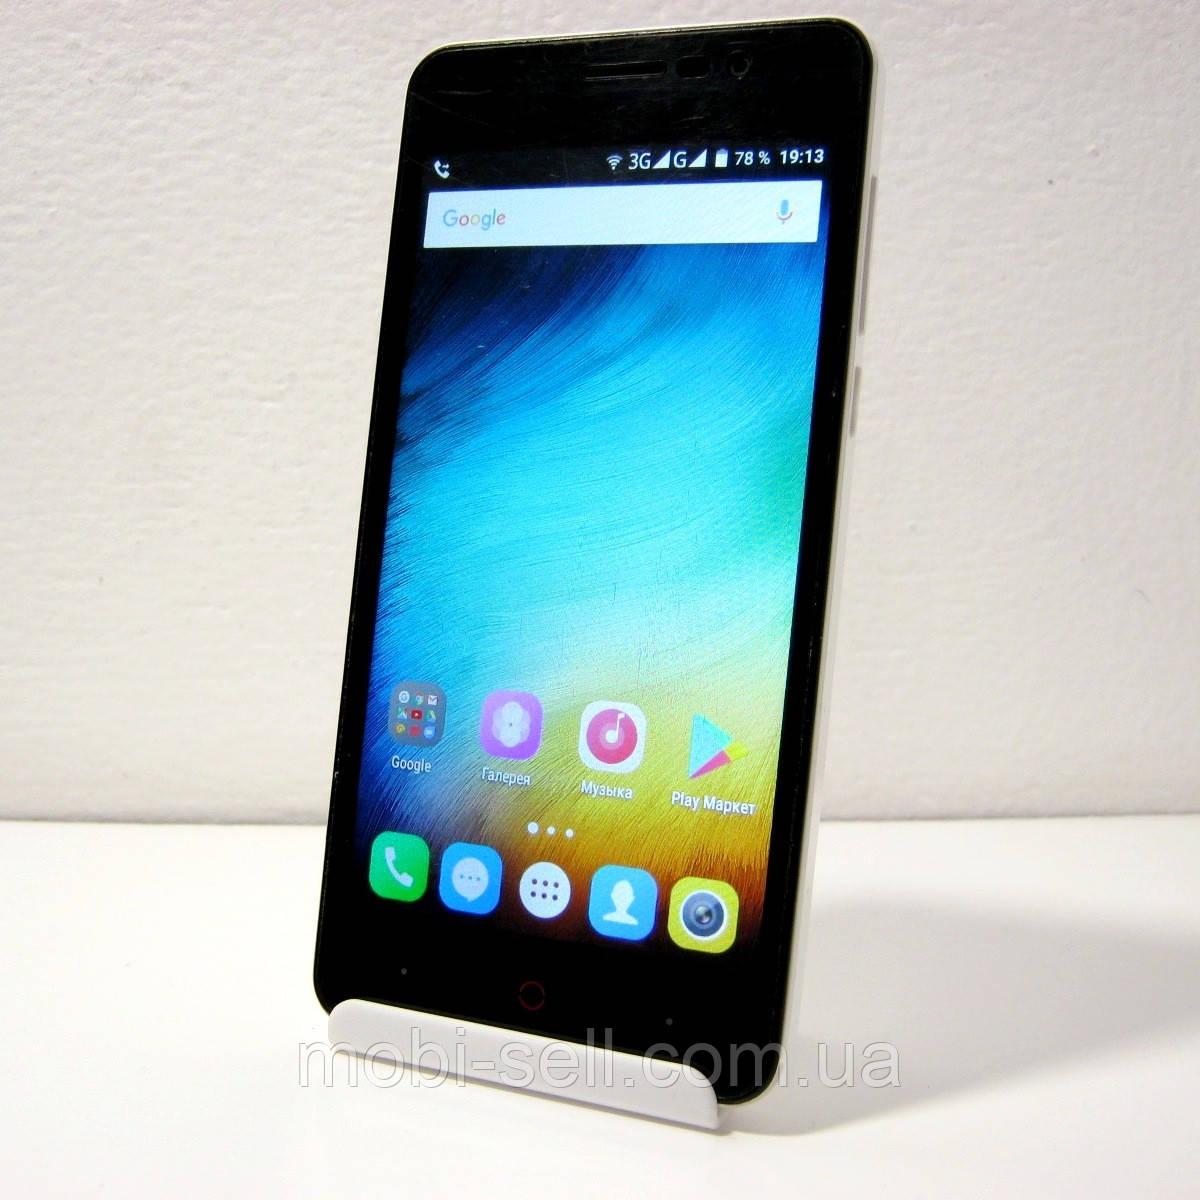 Б/У Смартфон DooPro P3 (Android / 4200 mAh / RAM 1Gb / ROM 8Gb